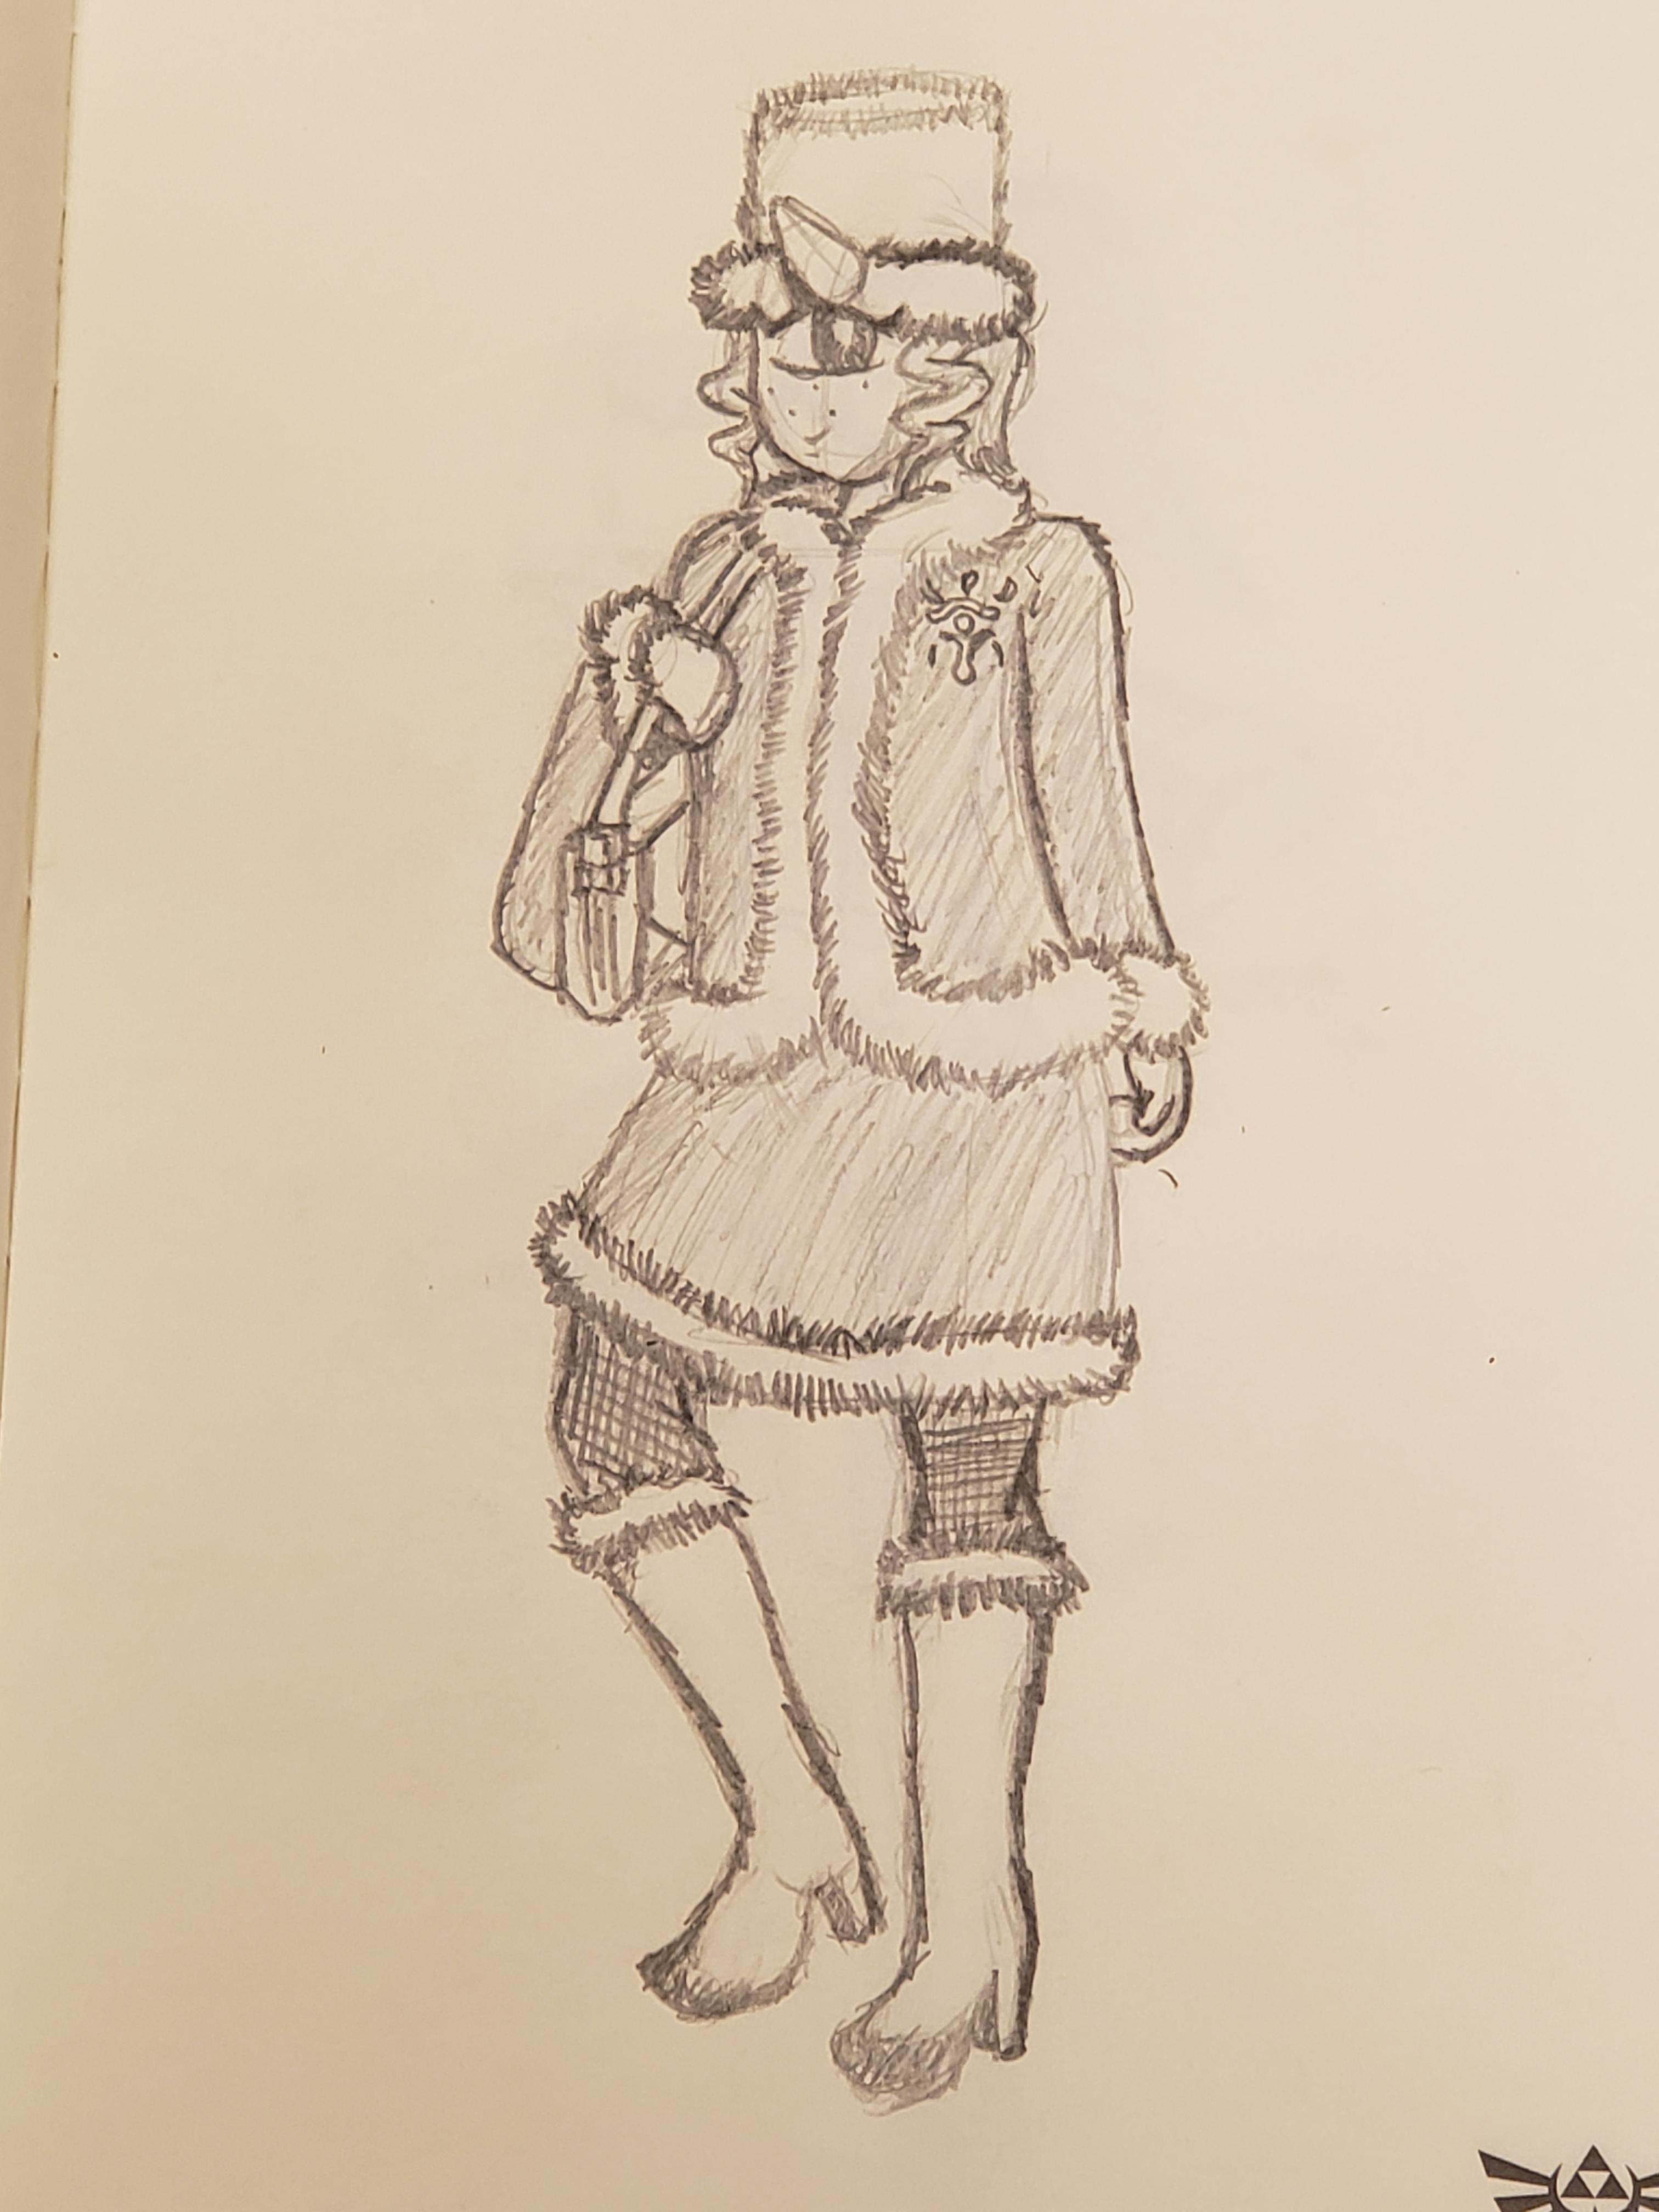 Fourth sketch